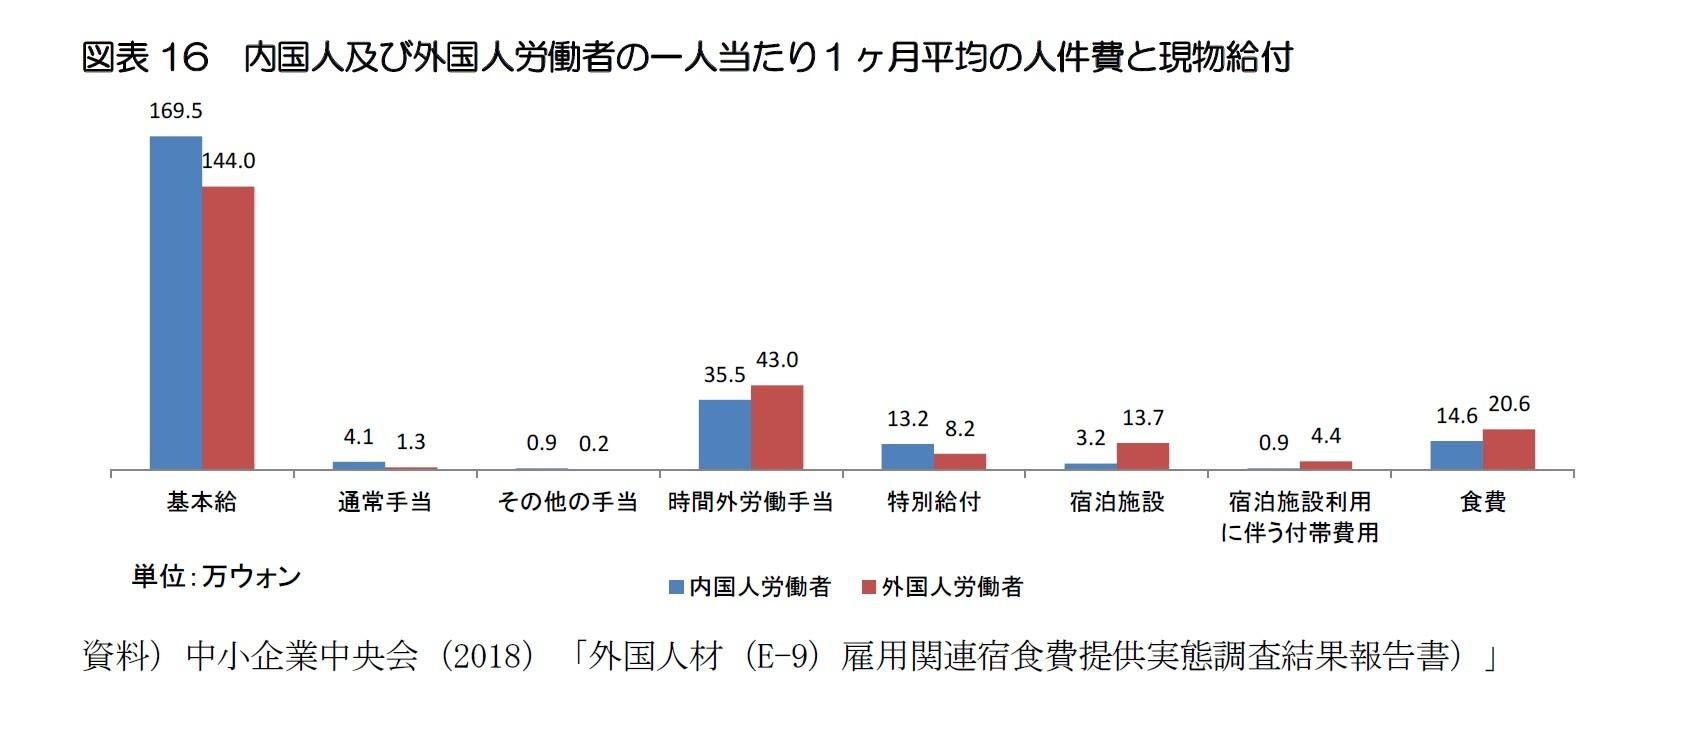 図表16 内国人及び外国人労働者の一人当たり1ヶ月平均の人件費と現物給付